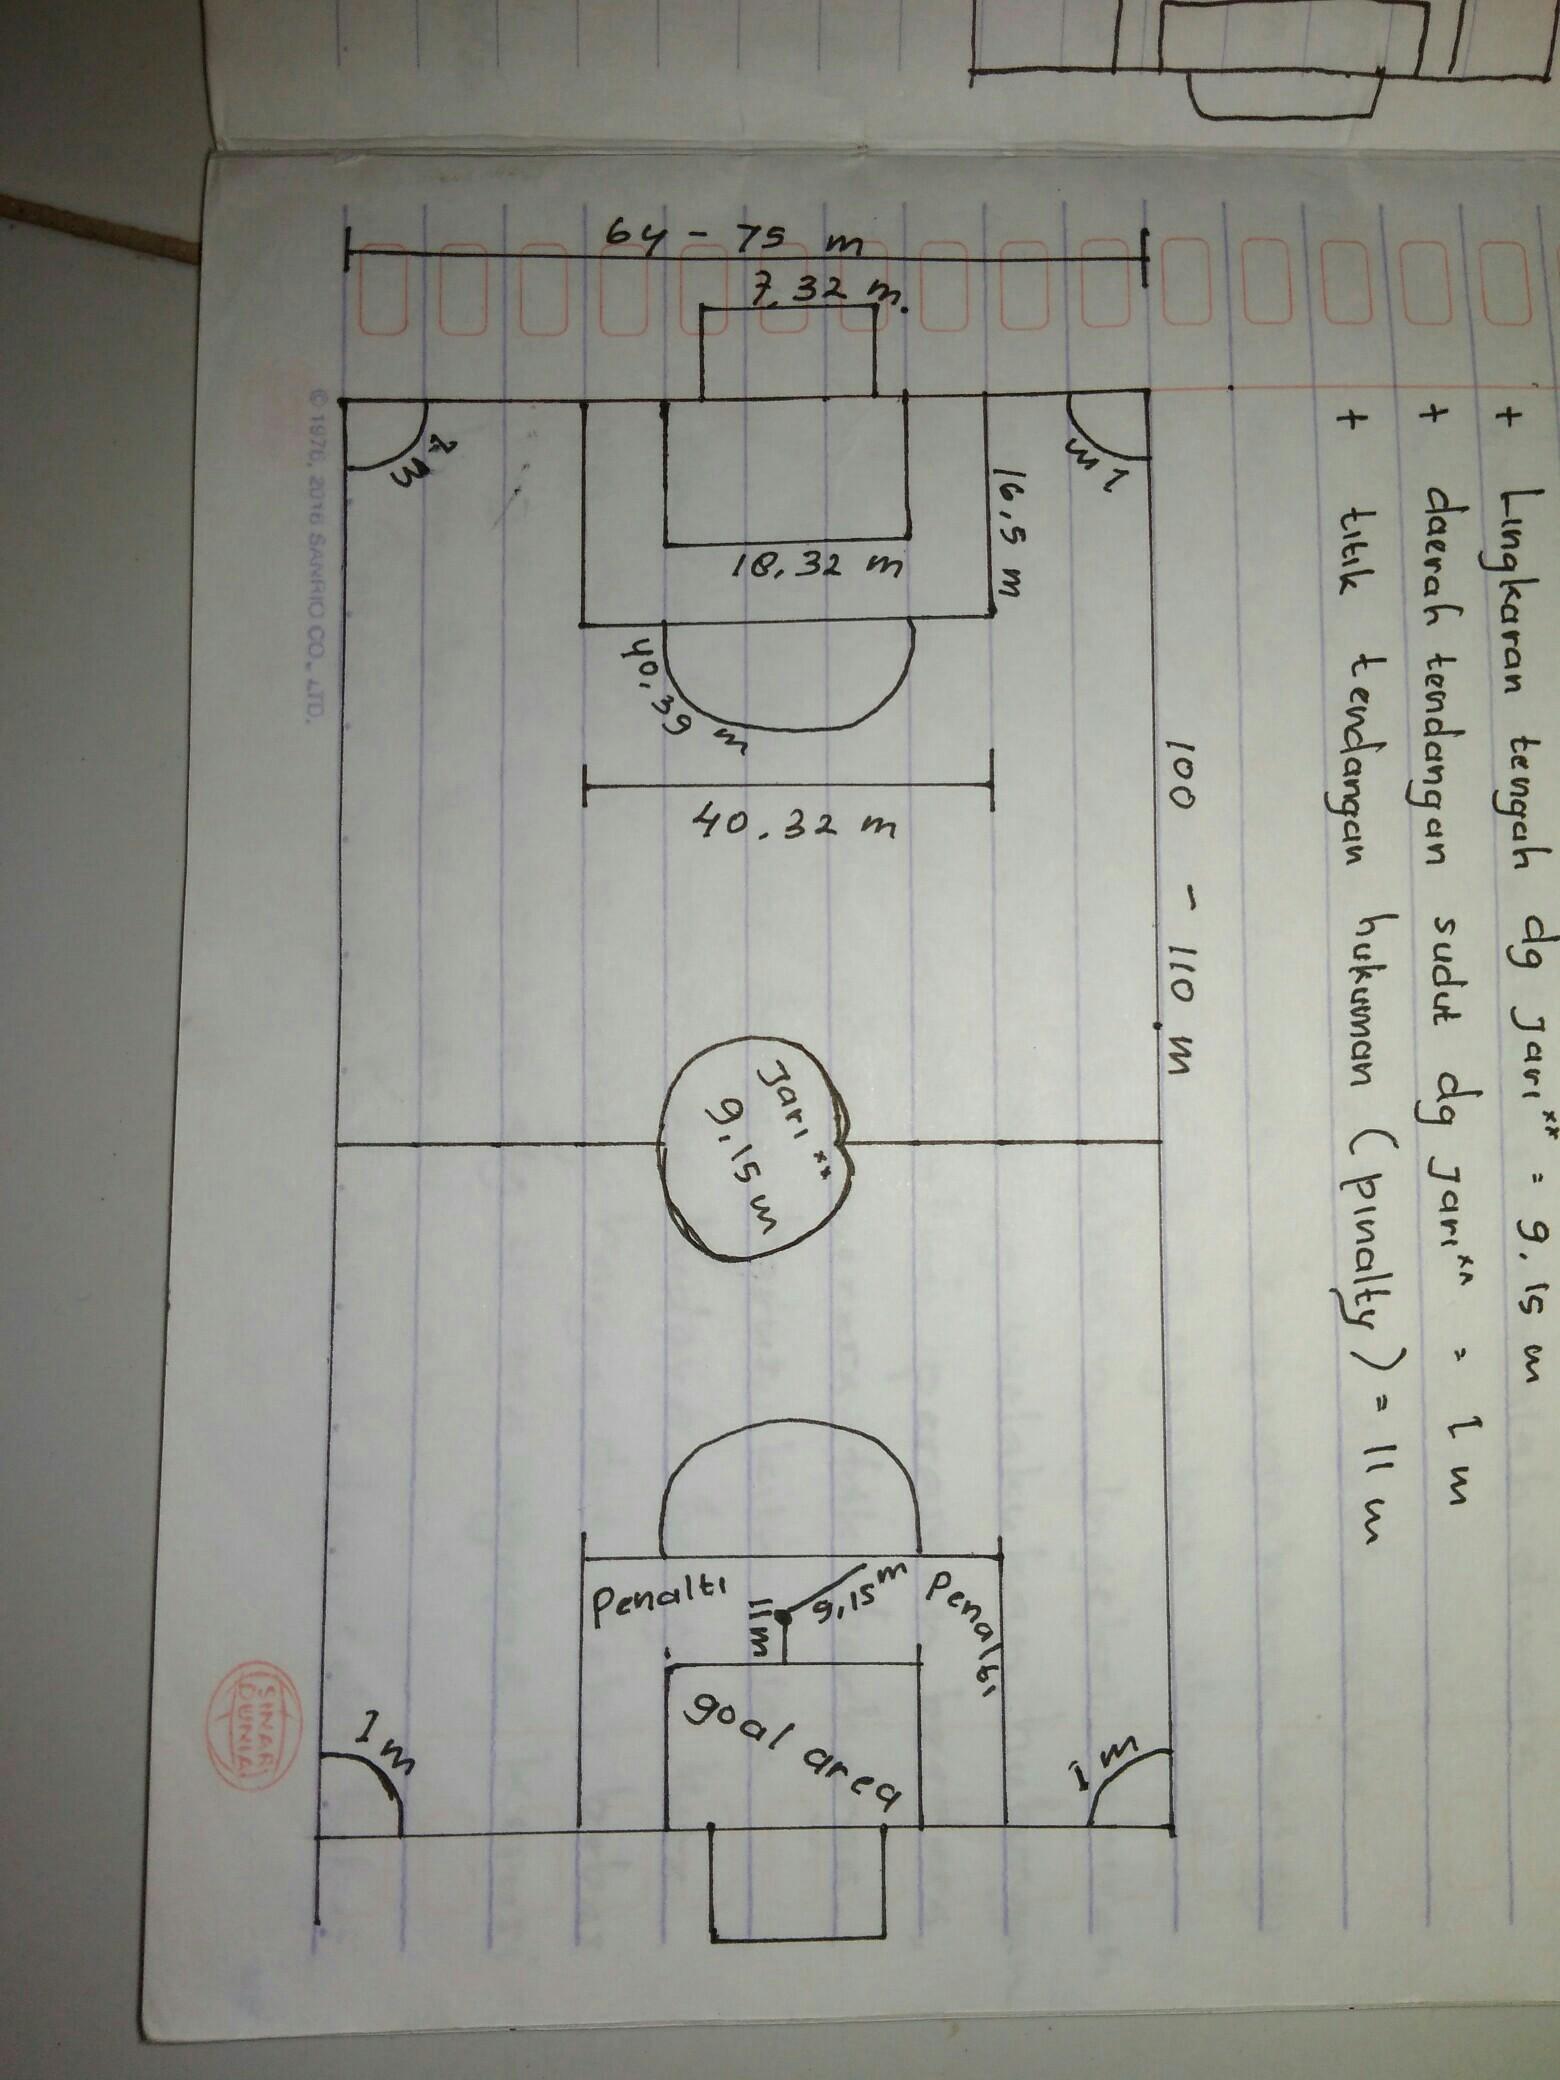 Contoh Soal K 13 Kelas 1 Gambar Ukuran Lapangan Sepak Bola Lengkap